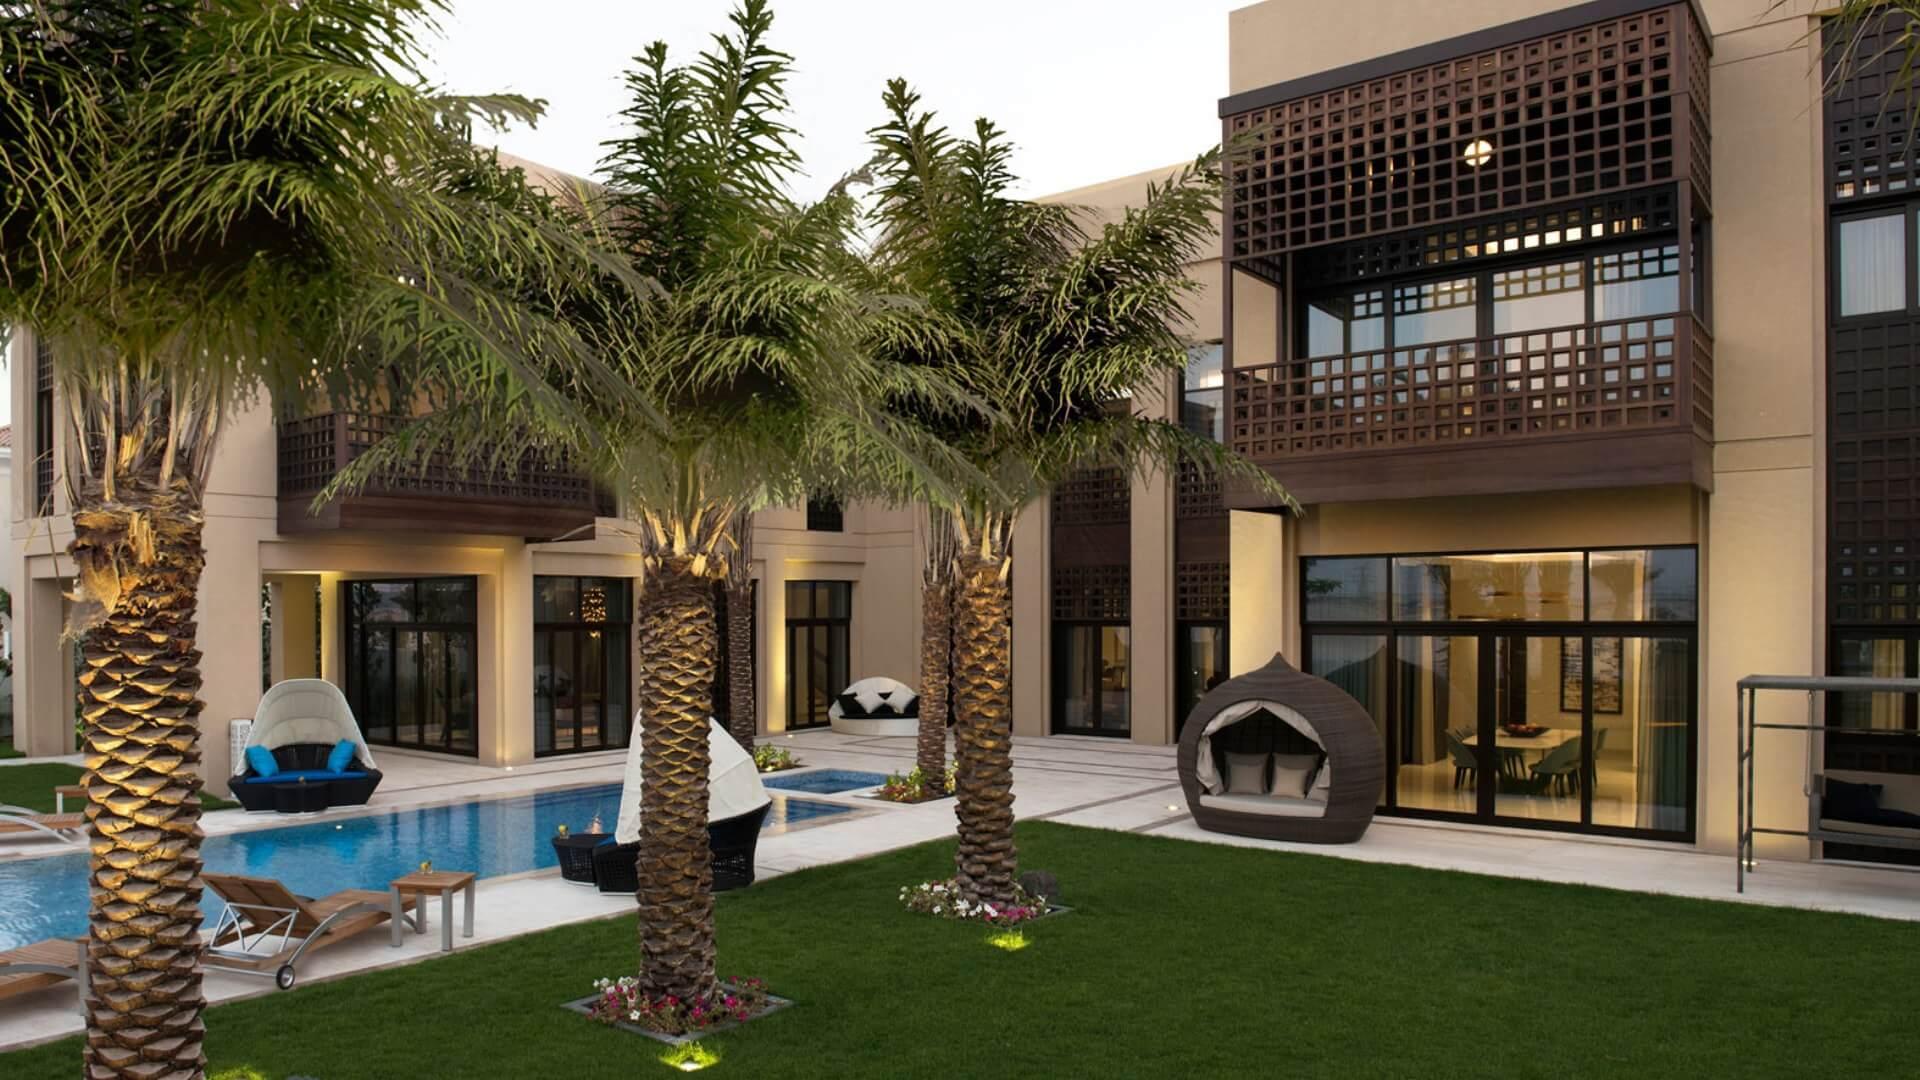 Villa en venta en Dubai, EAU, 5 dormitorios, 804 m2, № 24430 – foto 1